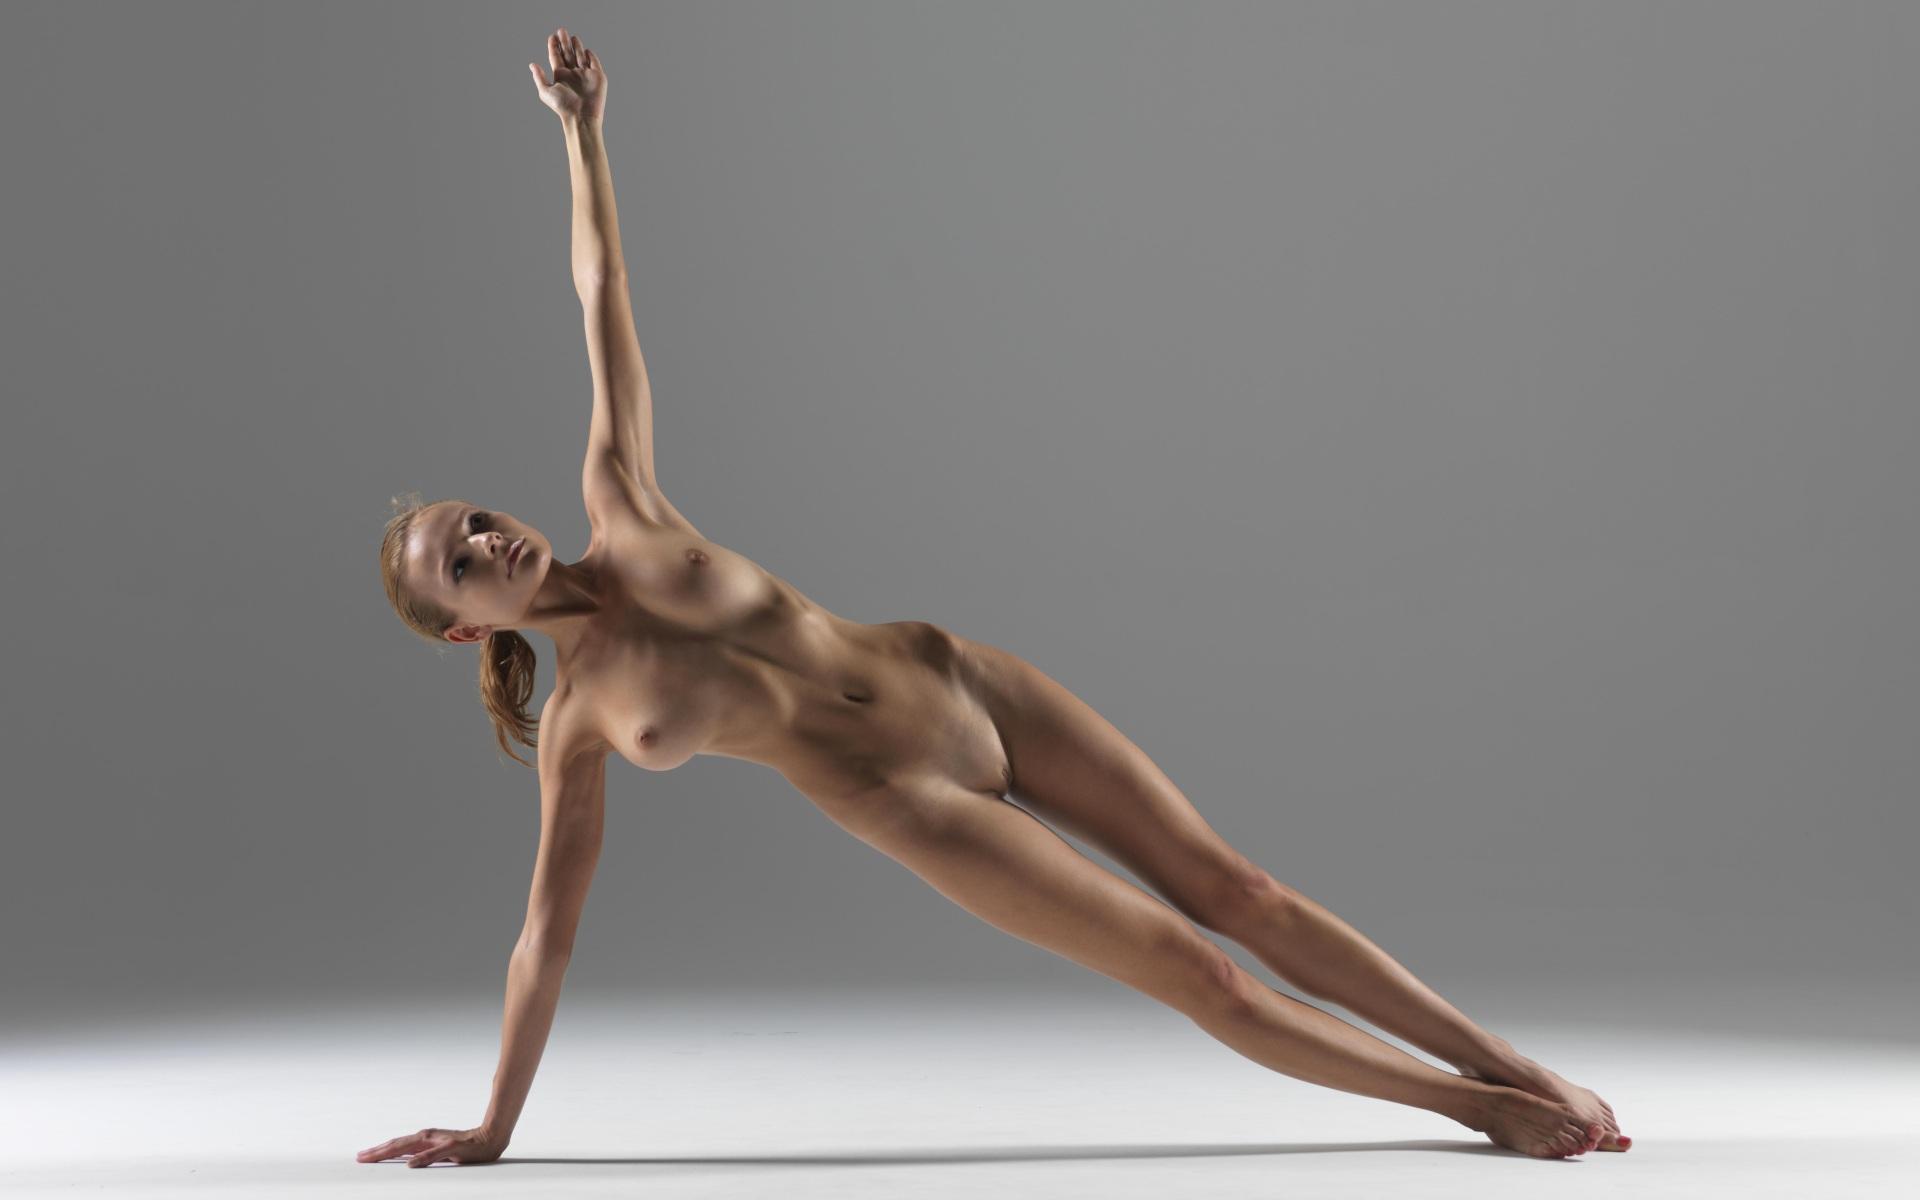 Сексуальная гимнастика для мужчин 23 фотография